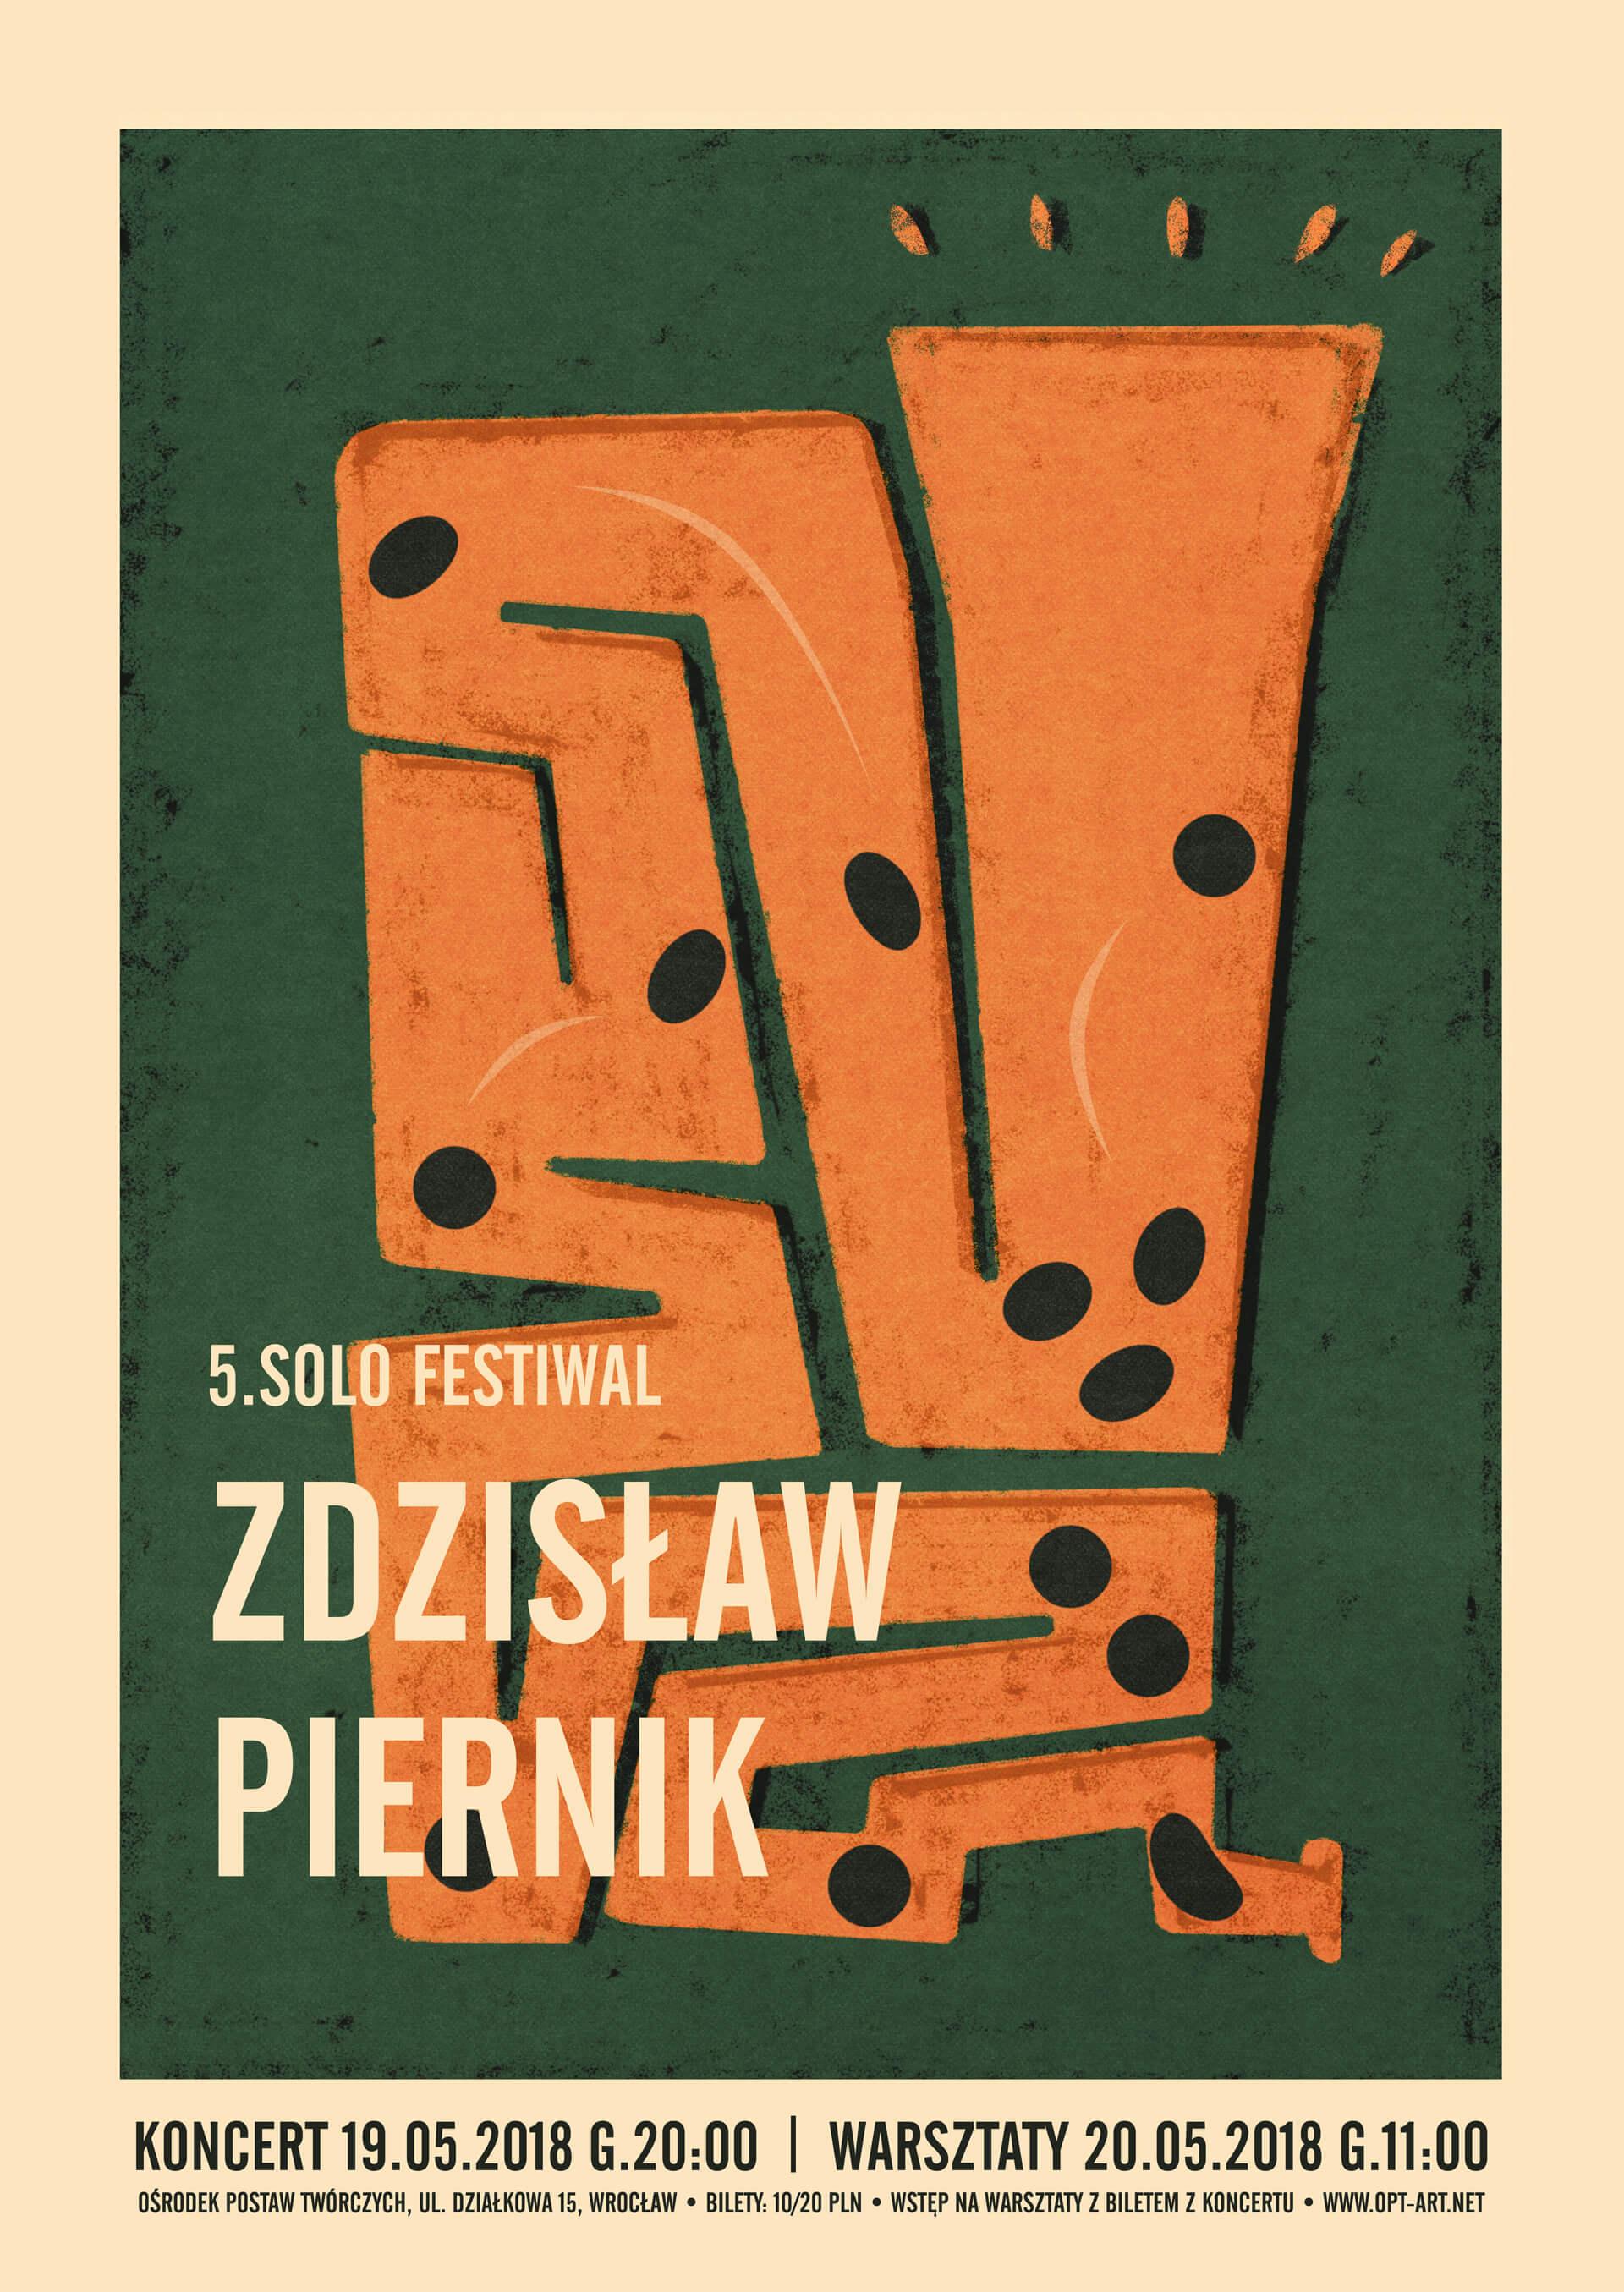 Zdzisław Piernik